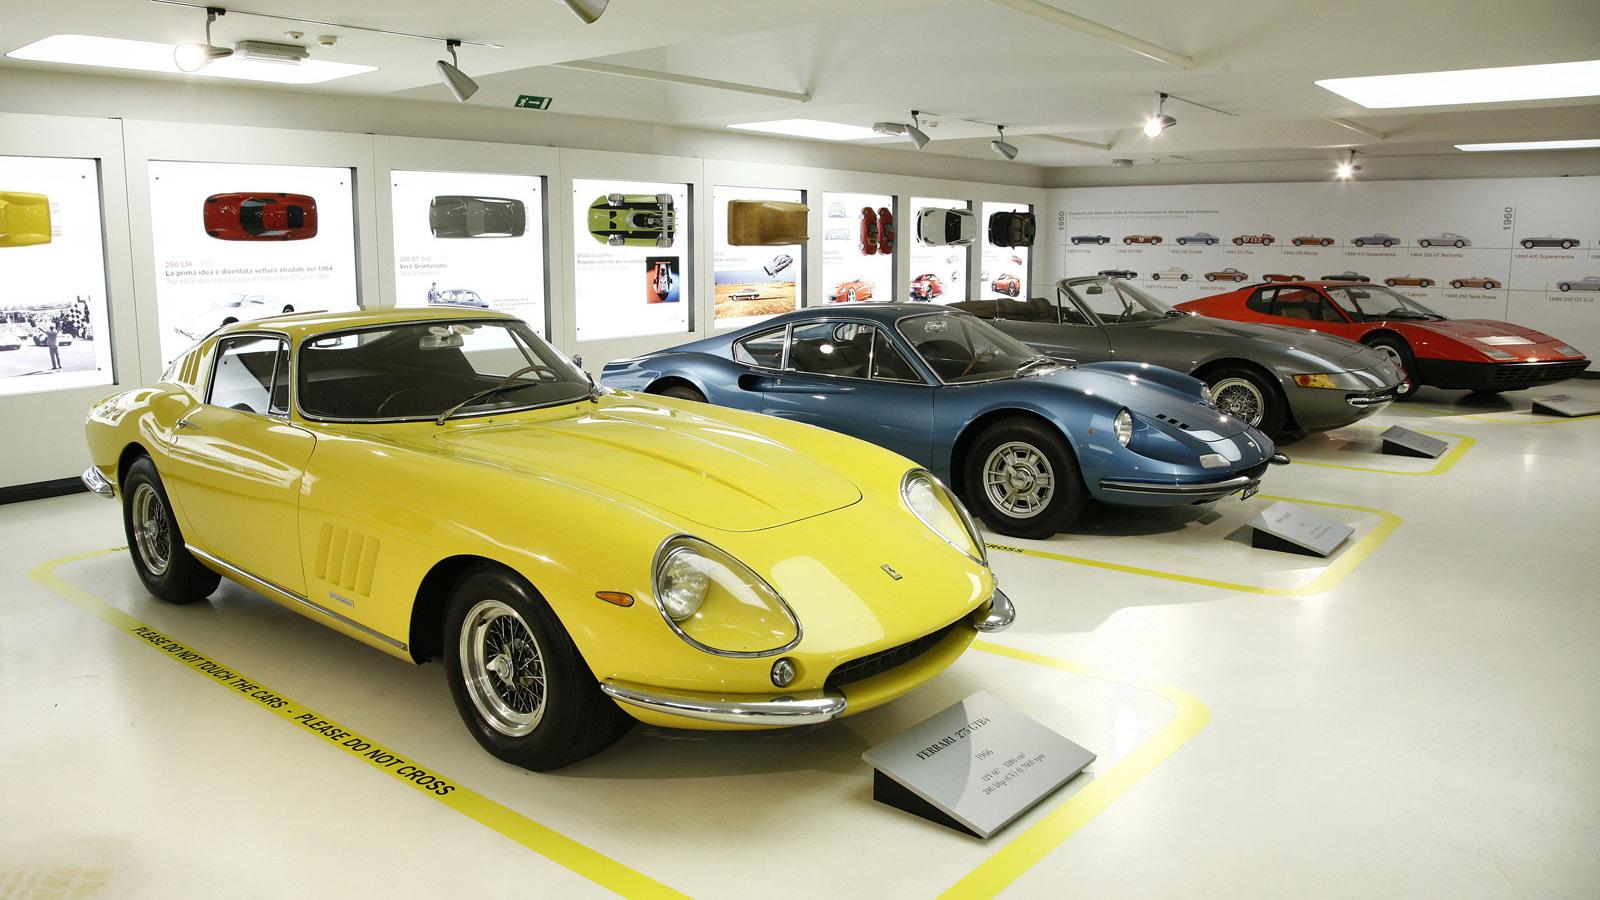 The Greatest Ferraris of Sergio Pininfarina exhibition at the Ferrari Museum, Maranello